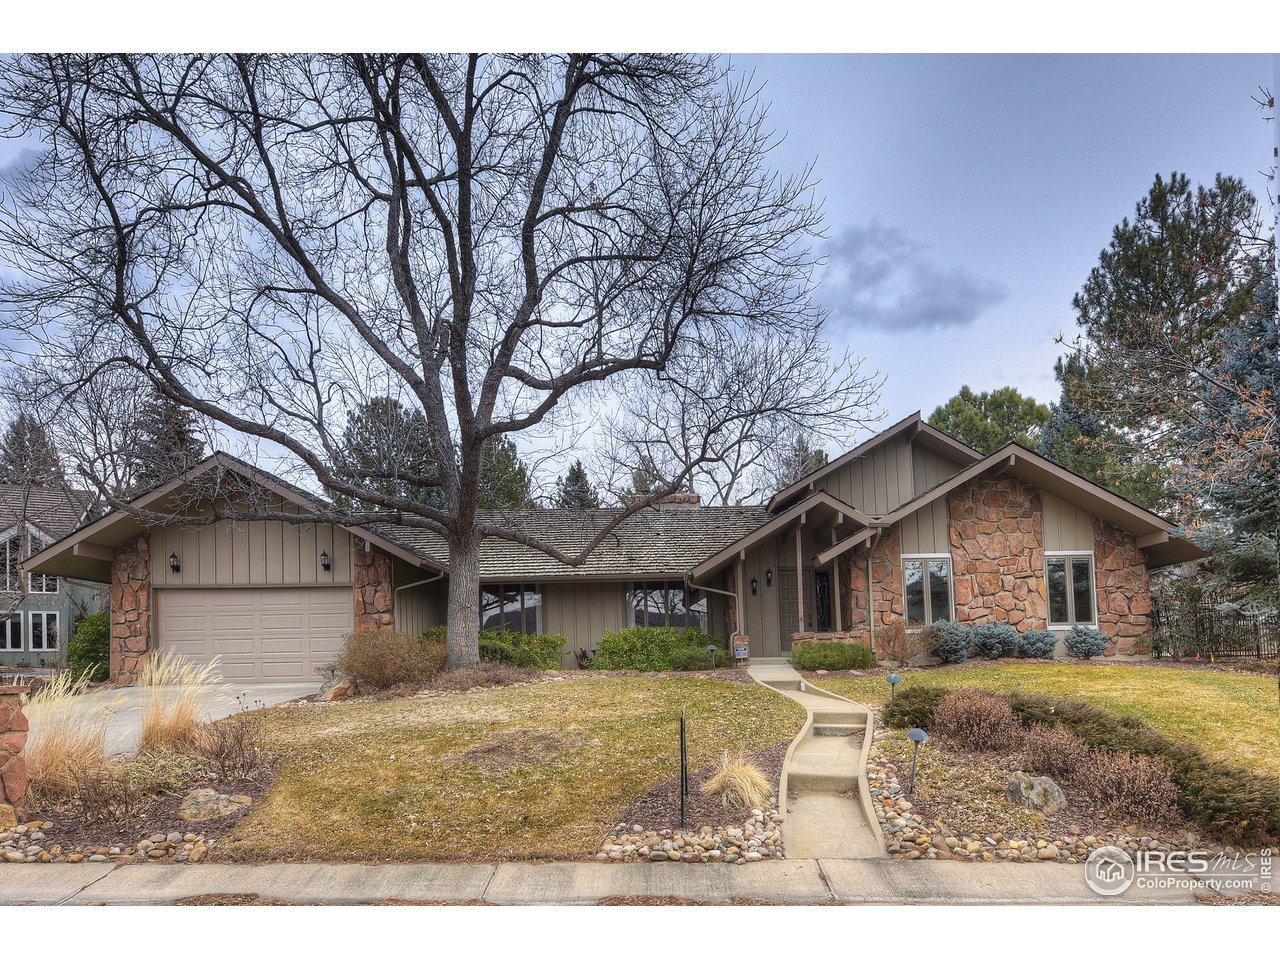 4770 Old Post Ct, Boulder CO 80301